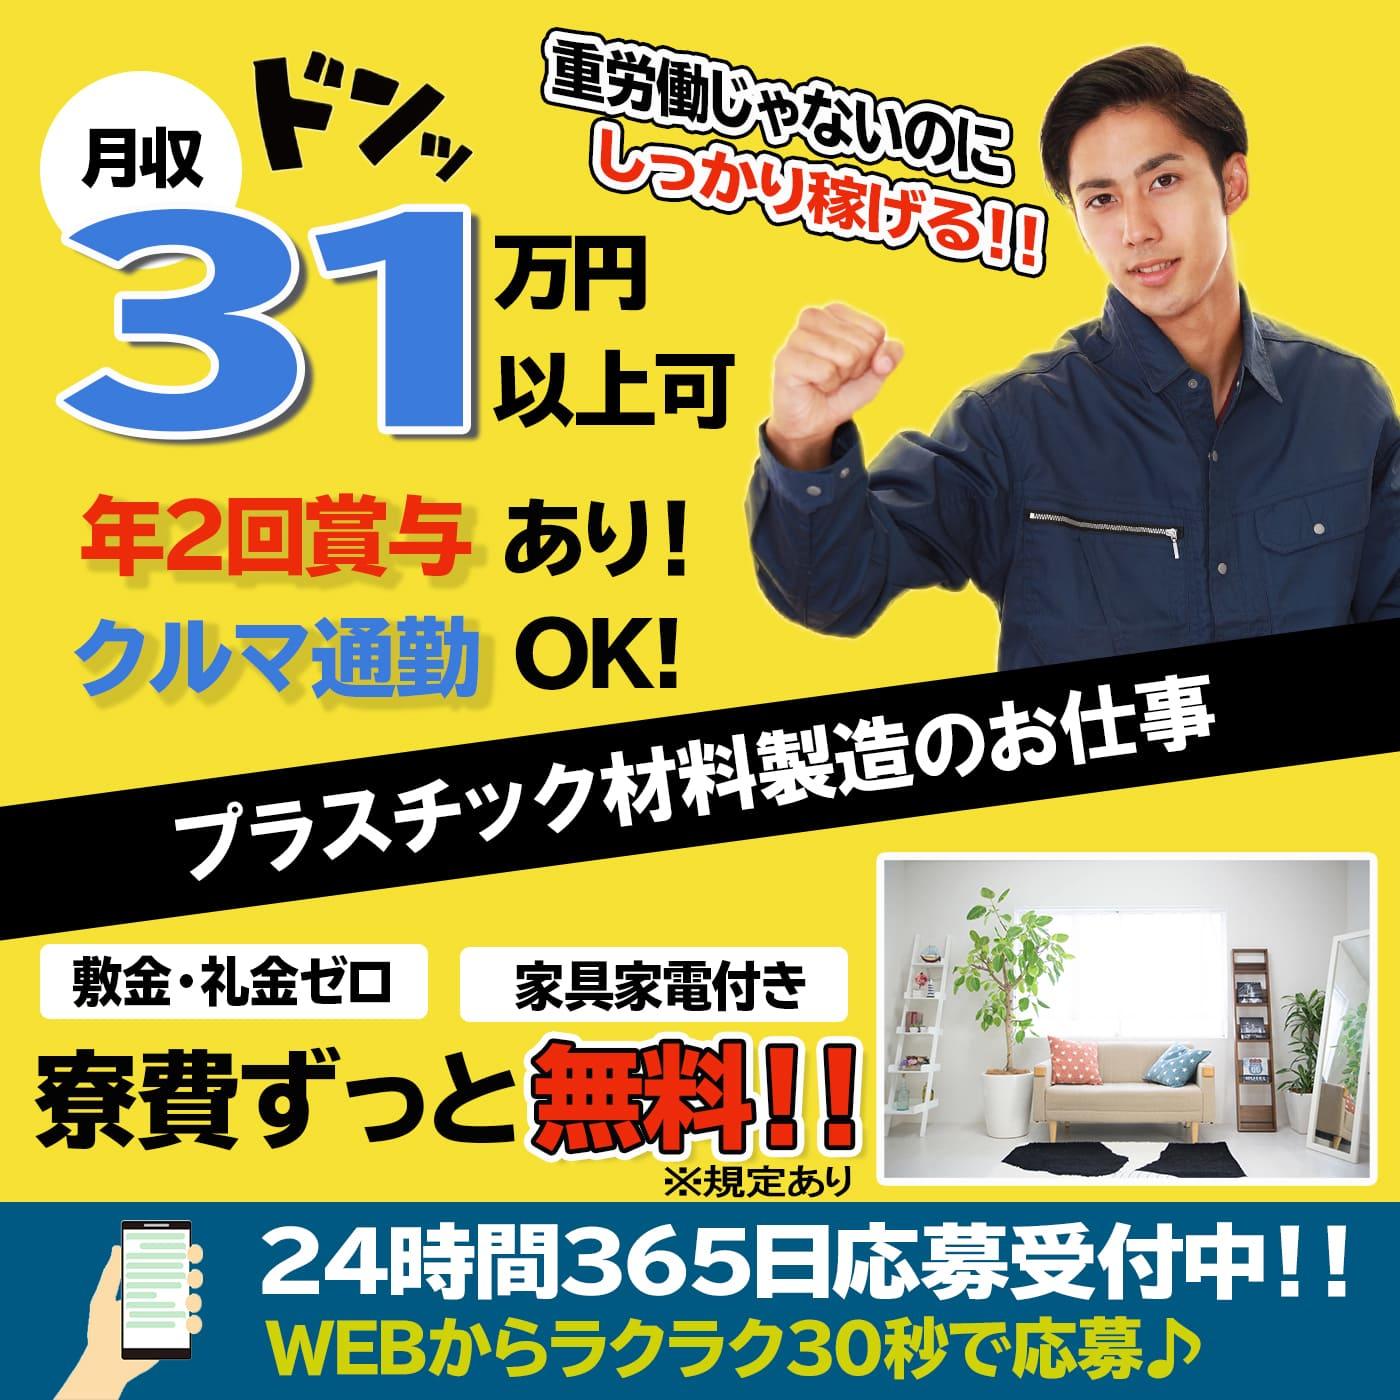 Chigasaki main4